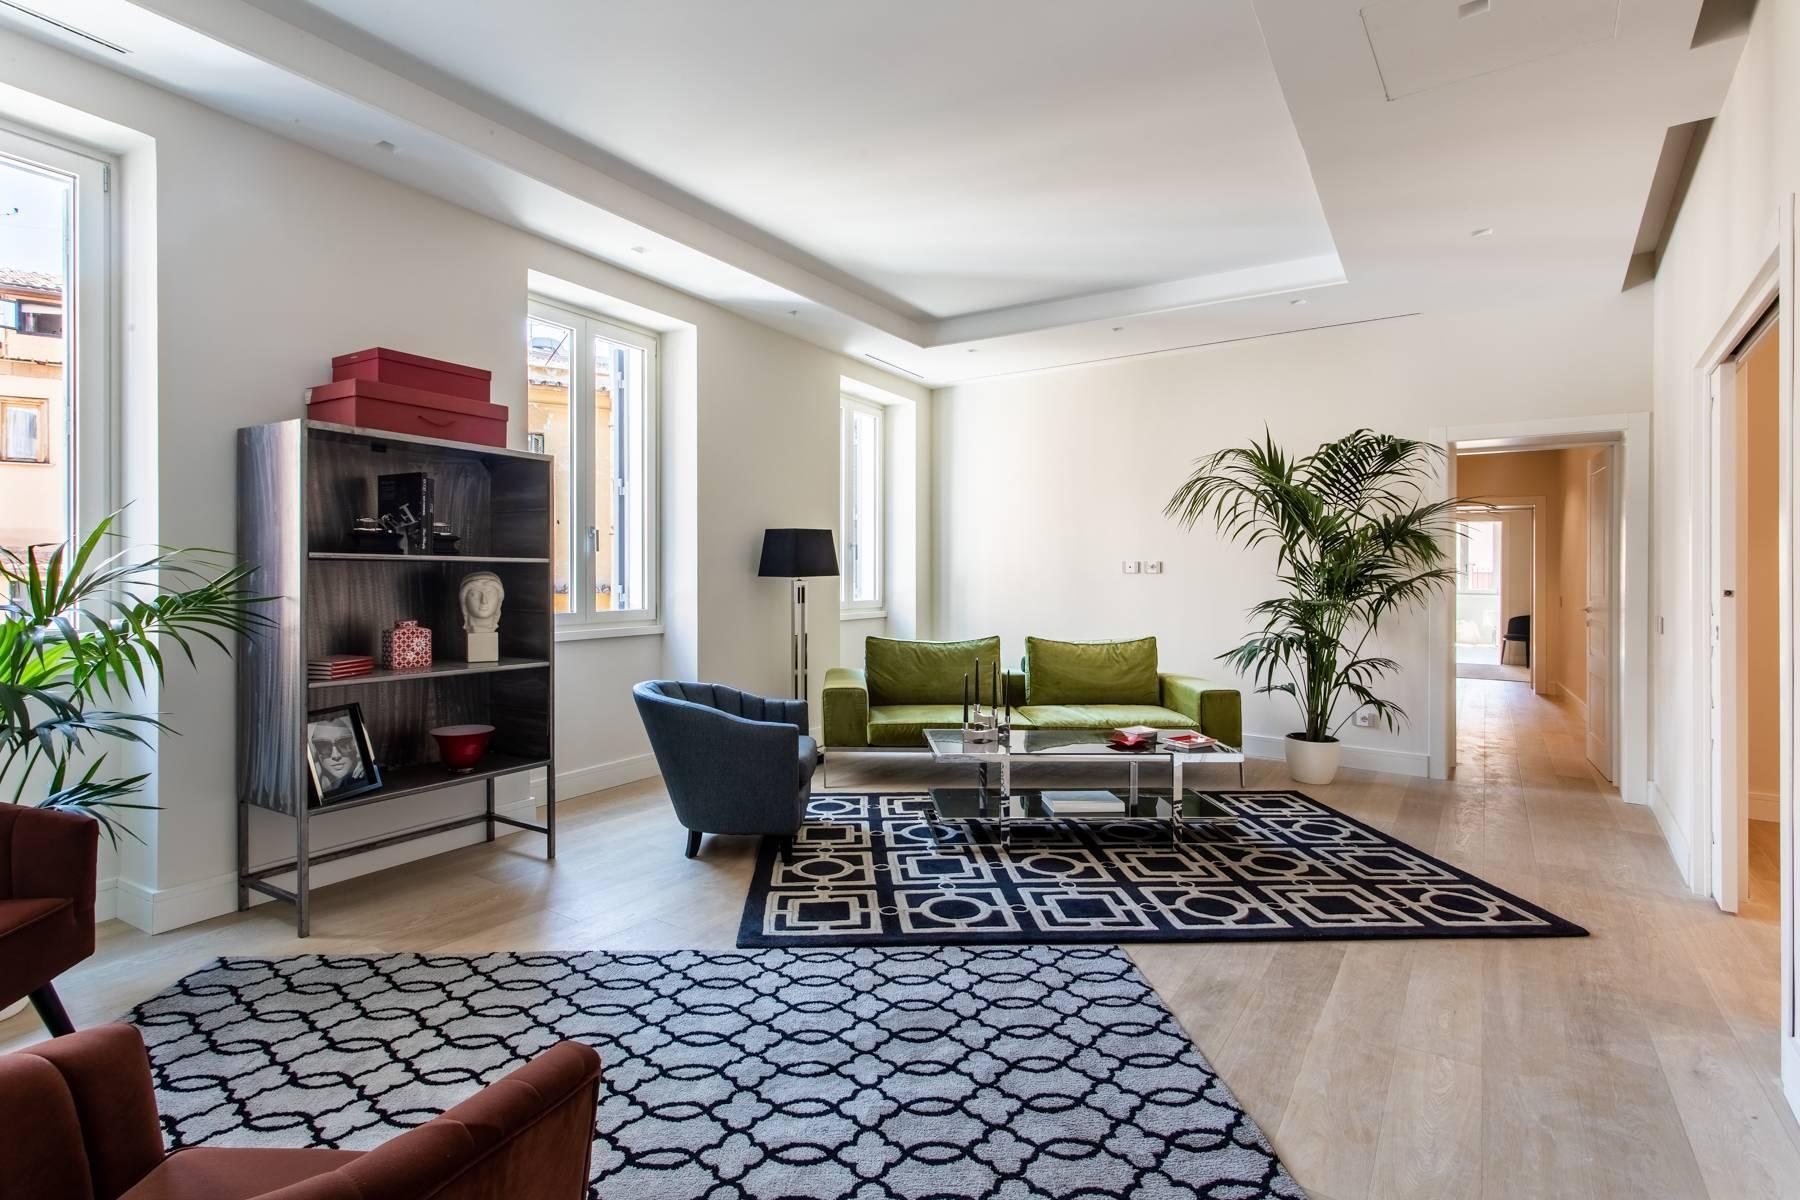 Appartamento di lusso nei pressi di Piazza di Spagna - 2